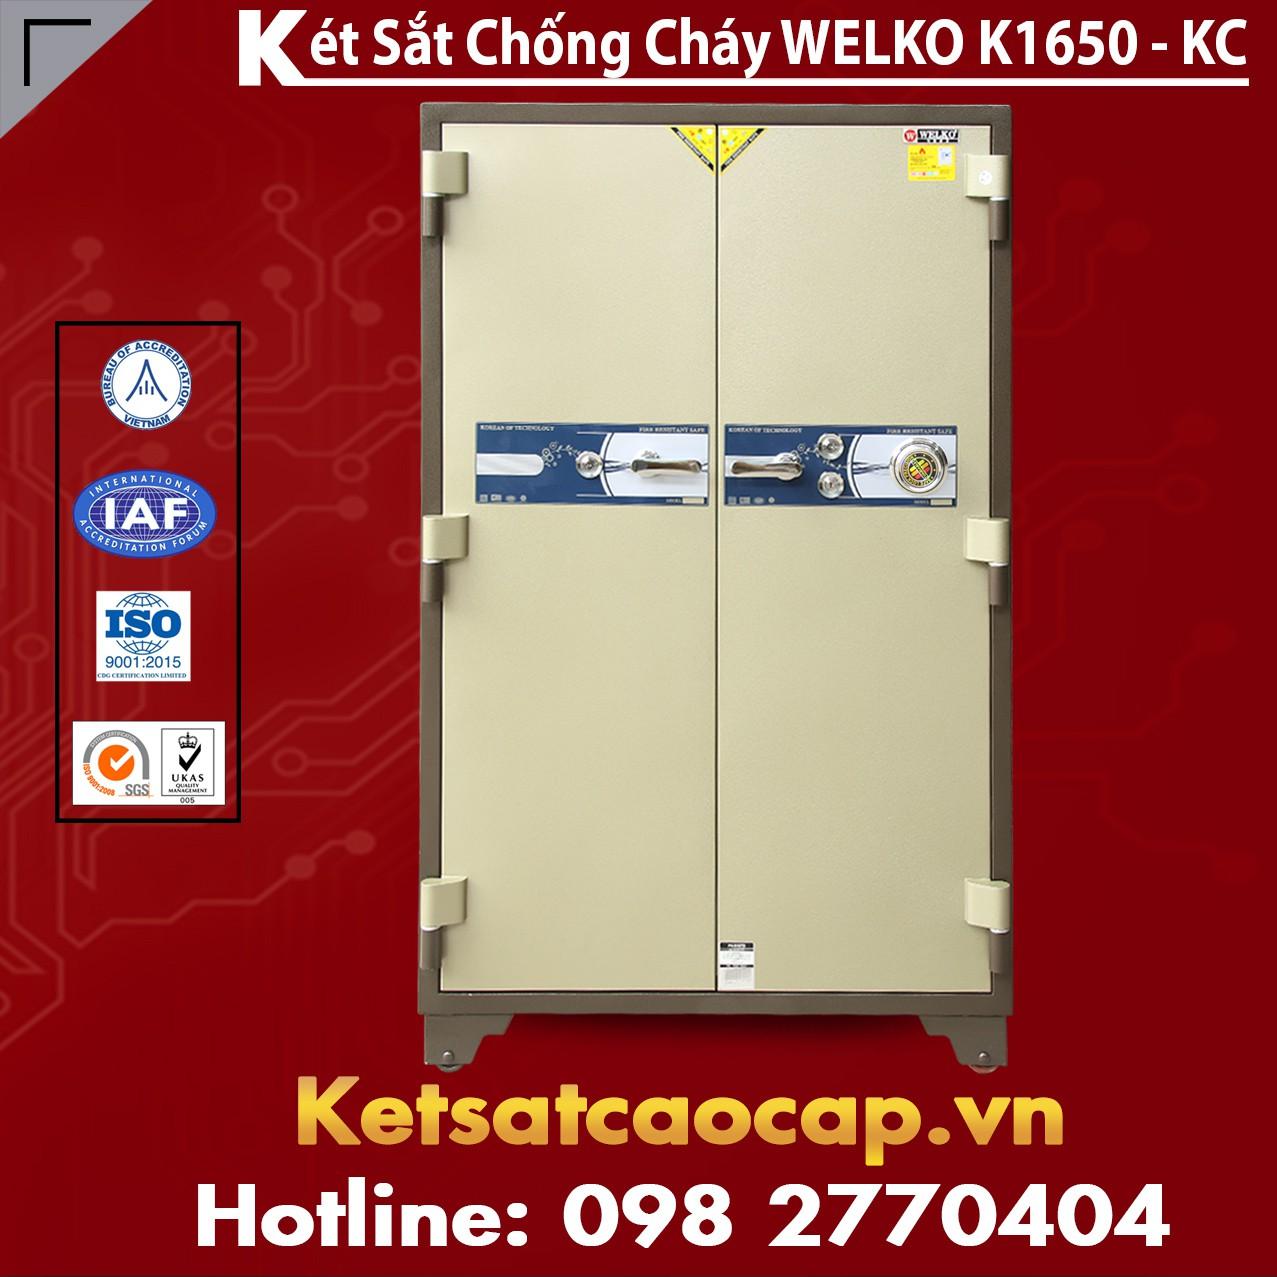 Két Sắt Chống Cháy Welko K1650 - KC